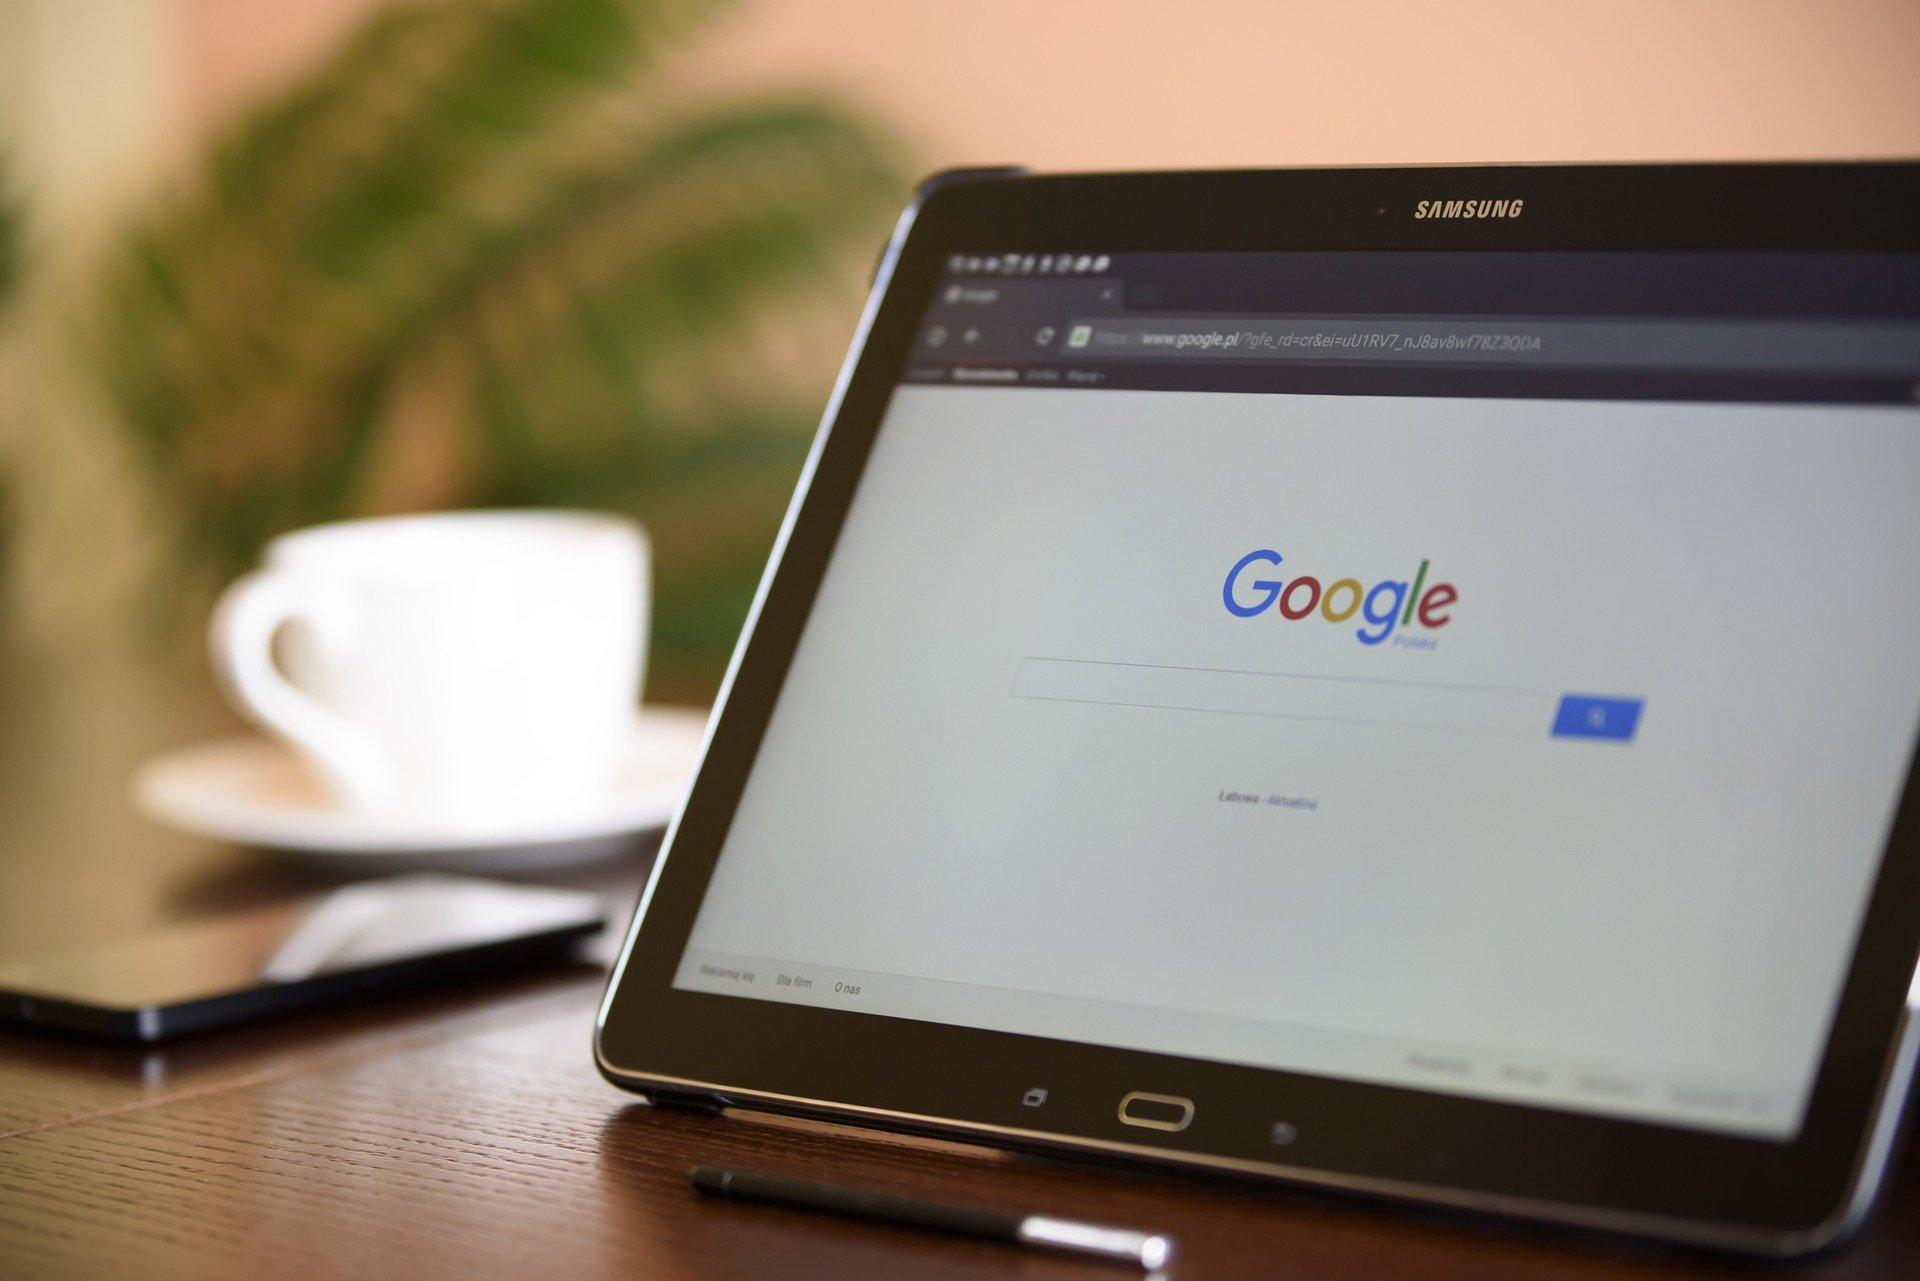 La foto mostra un tablet e l'interfaccia di Google